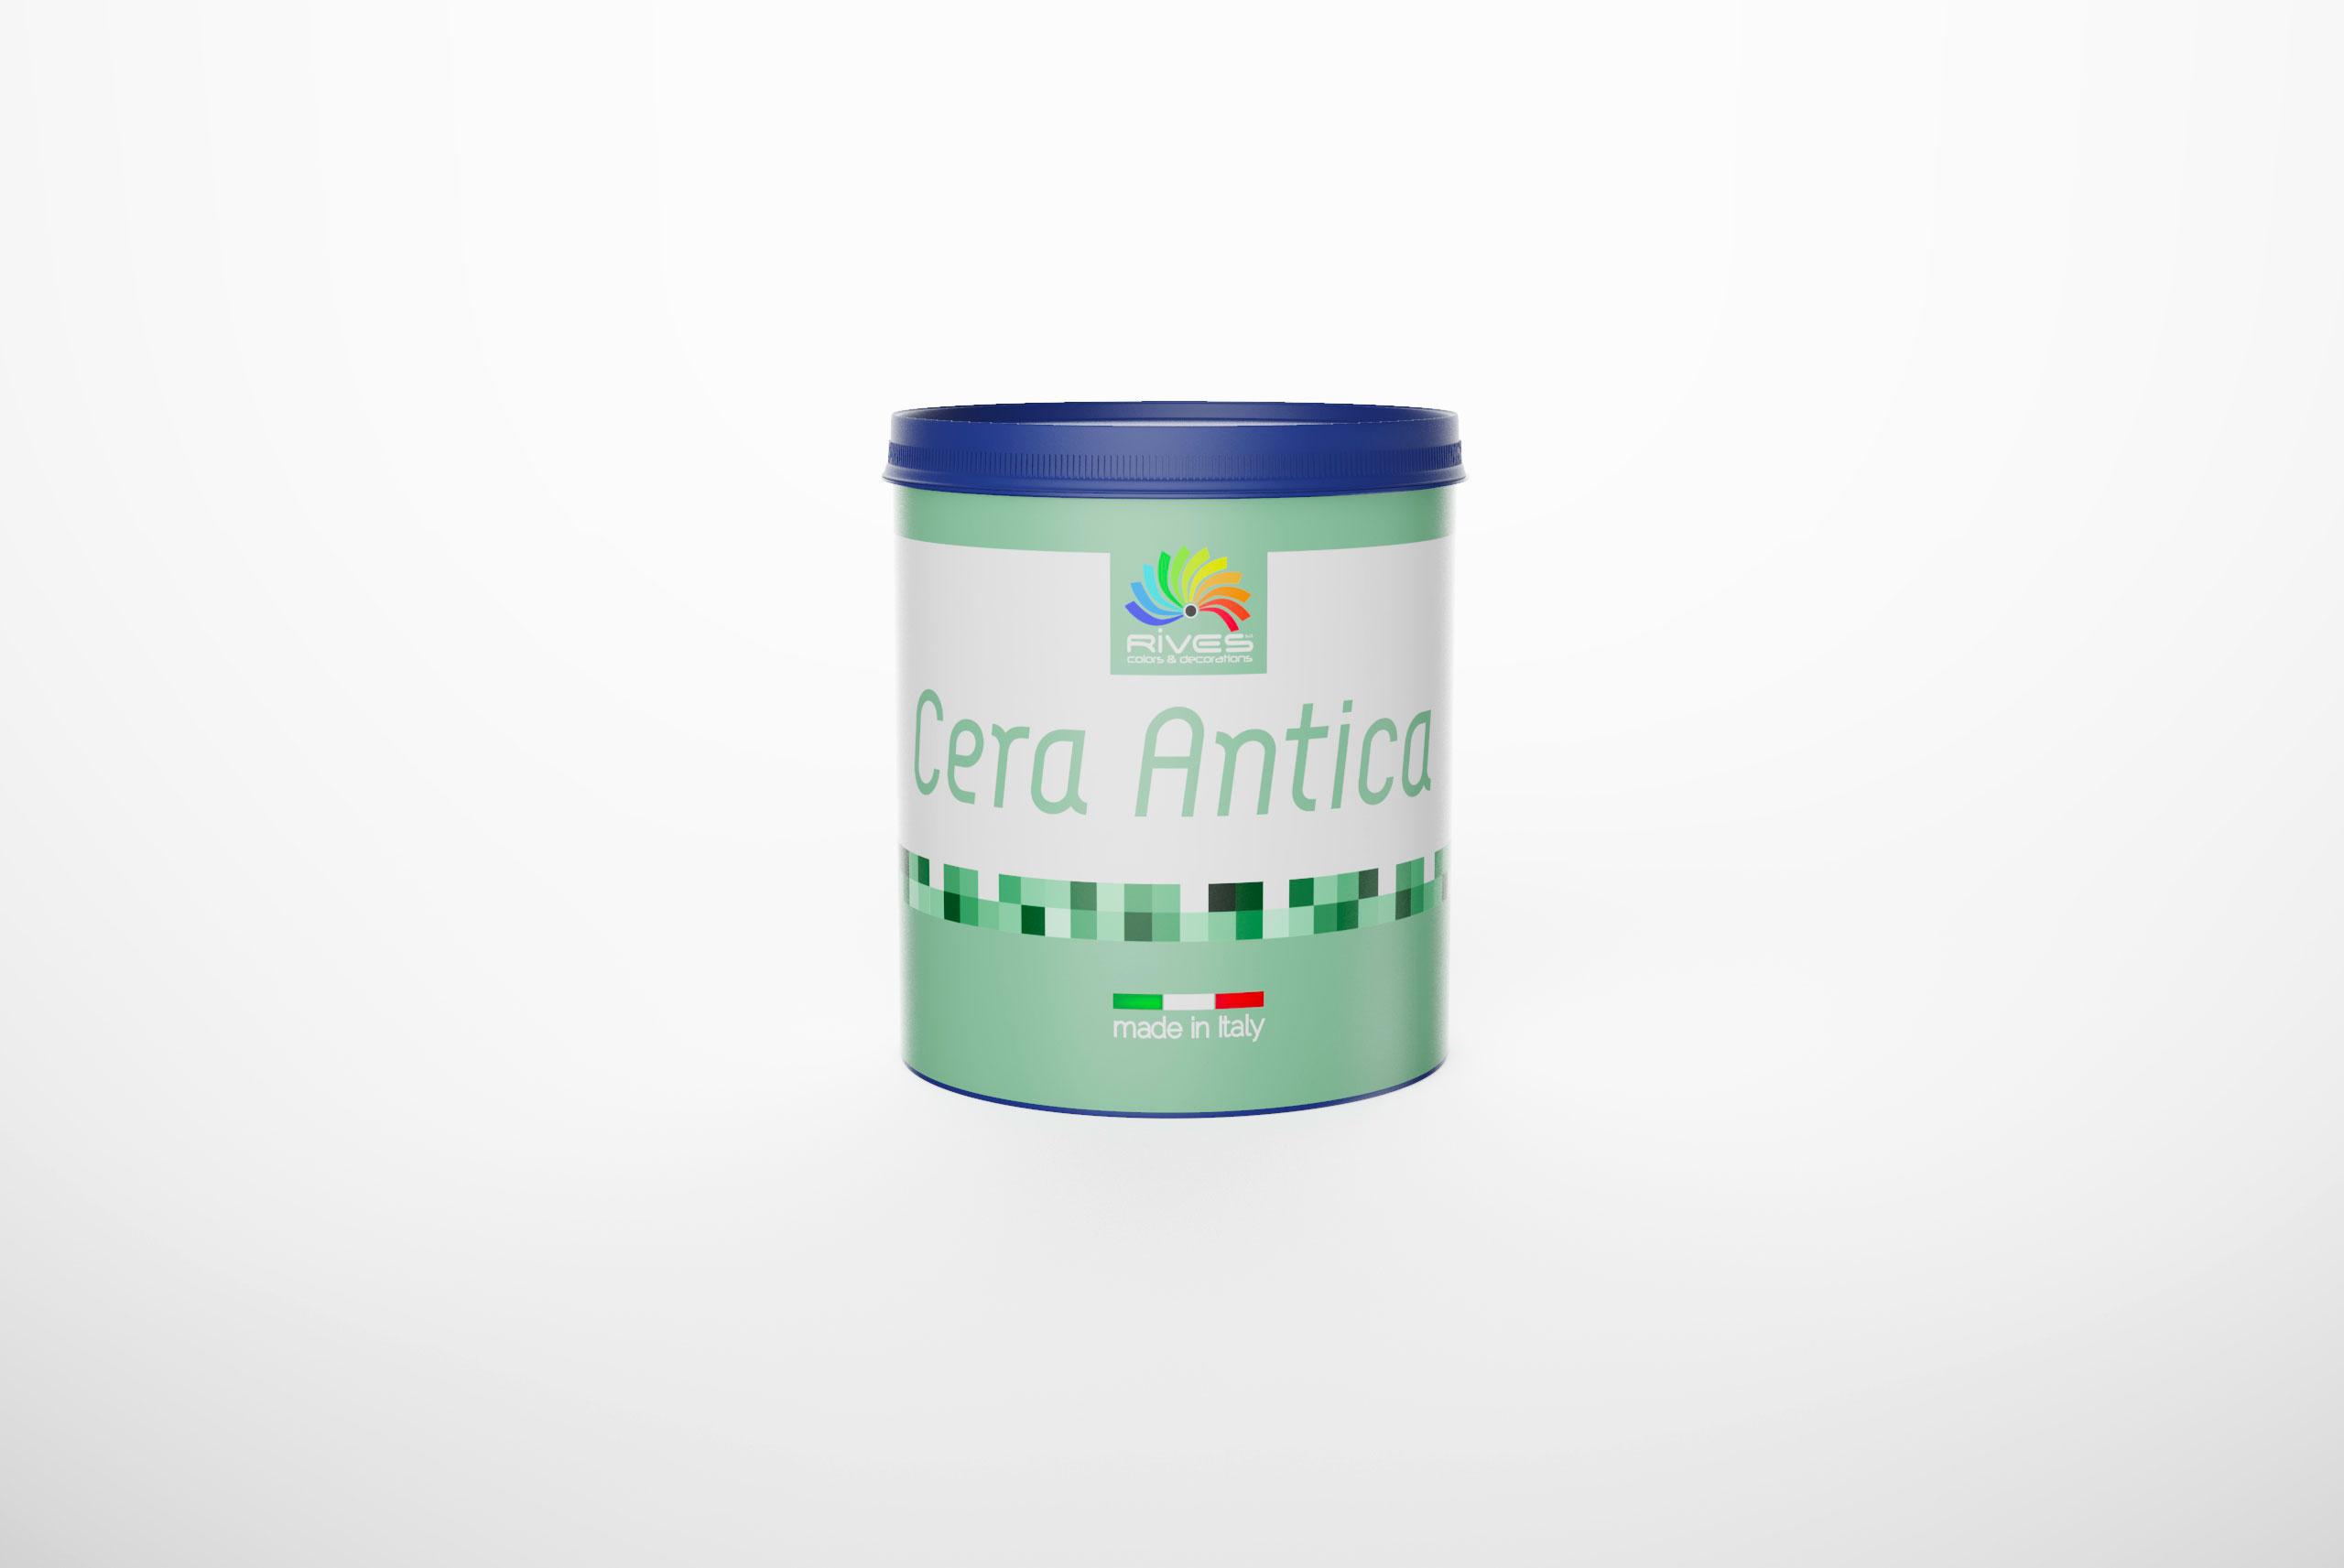 CeraAntica_Packaging2019_Web